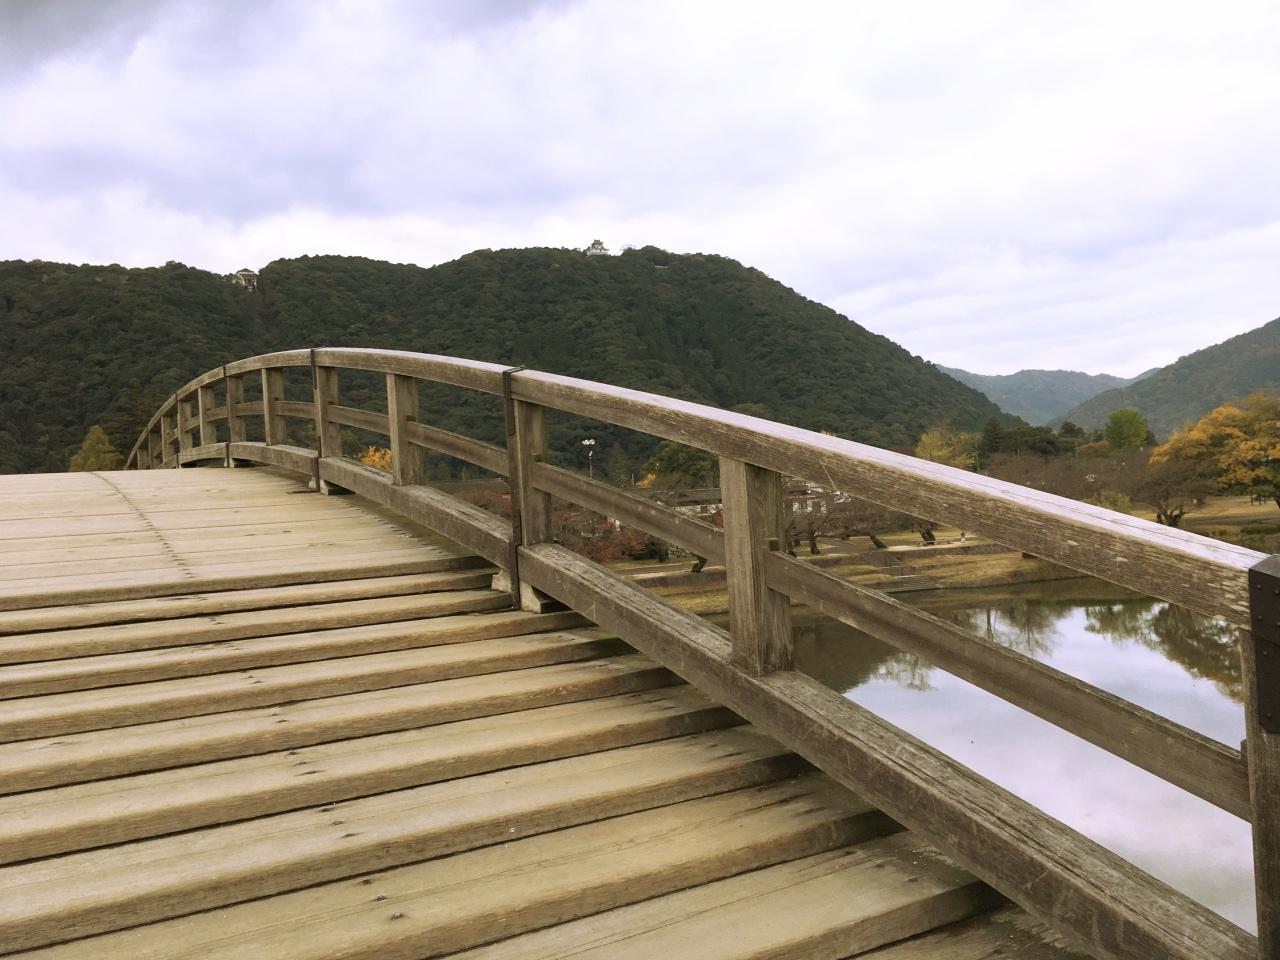 錦帯橋を渡る際には「小さな段差」に注意